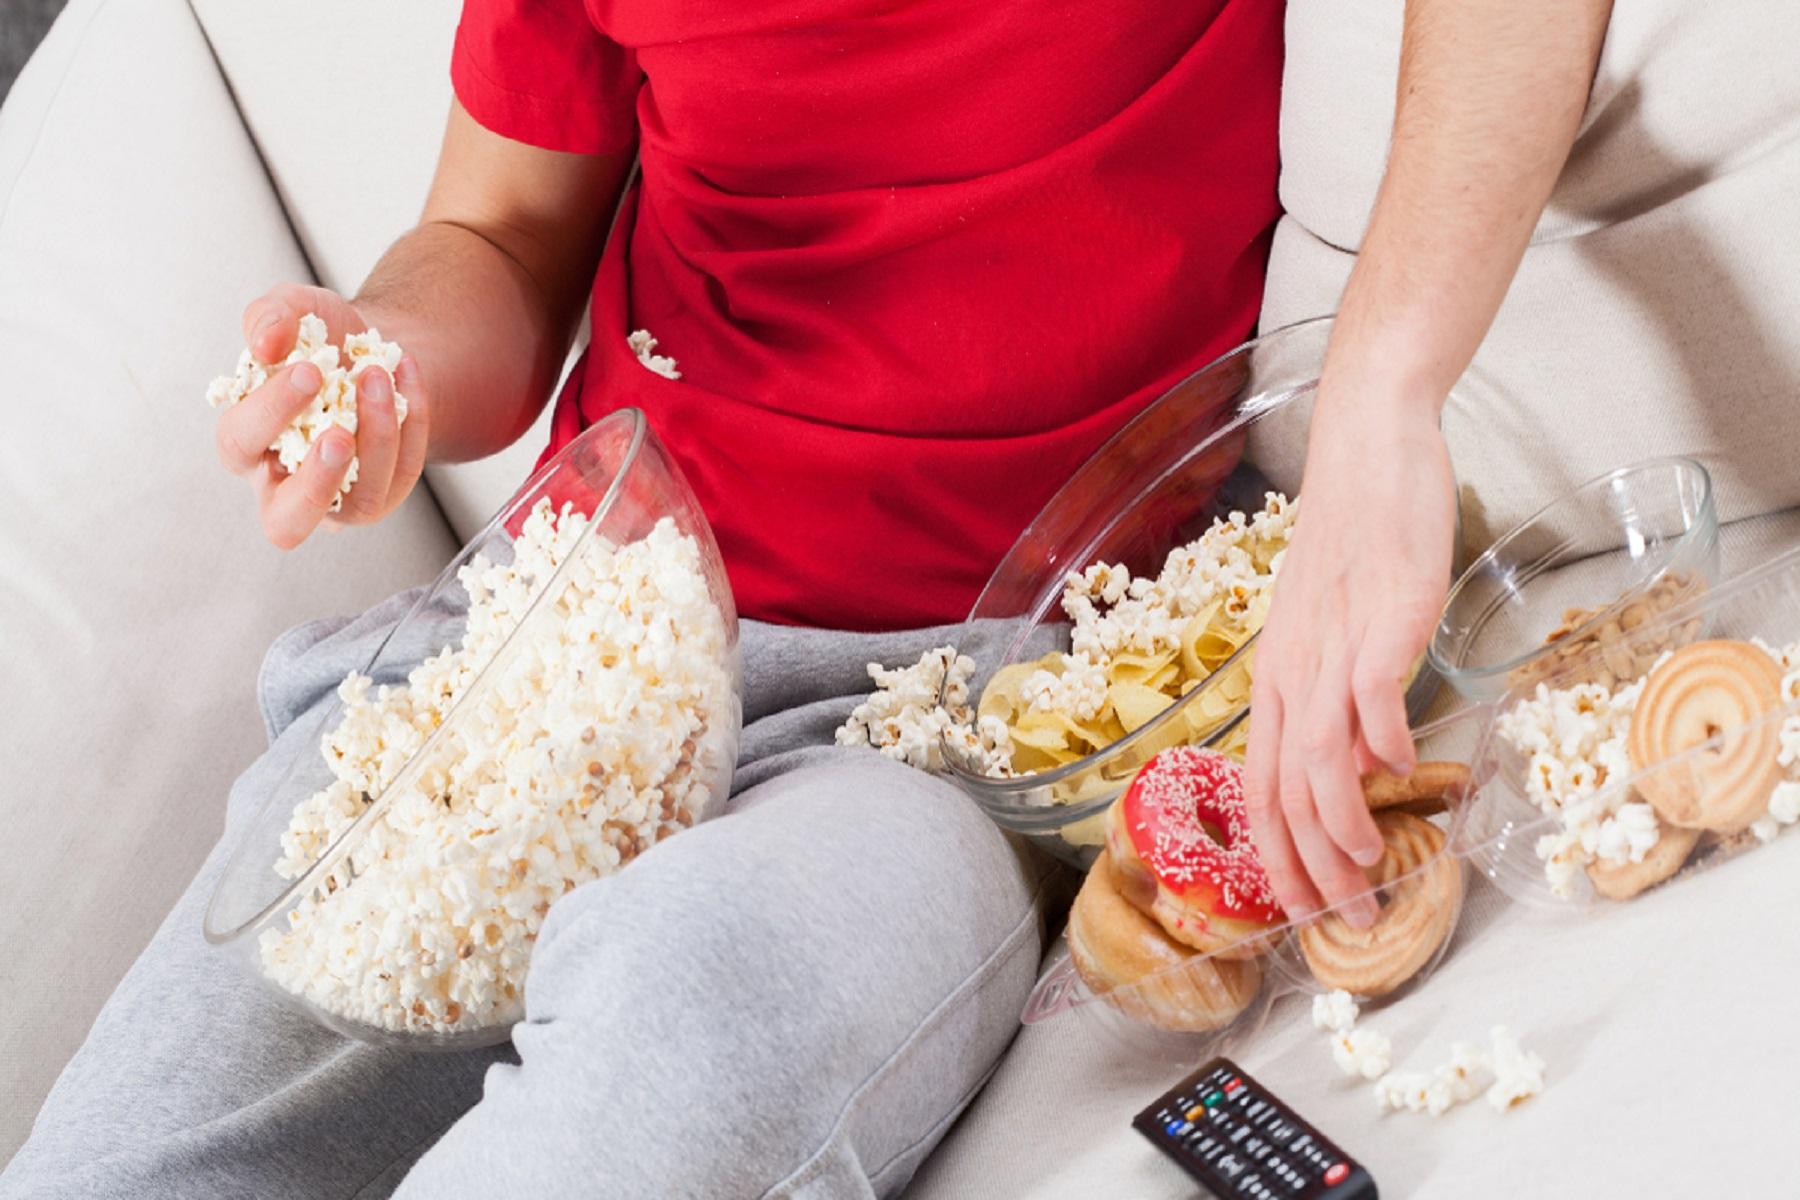 Κορωνοϊός Lockdown: Τα παιδιά έχουν πάρει βάρος κατά τη διάρκεια της πανδημίας καθώς αυξάνεται η κατανάλωση πρόχειρου φαγητού